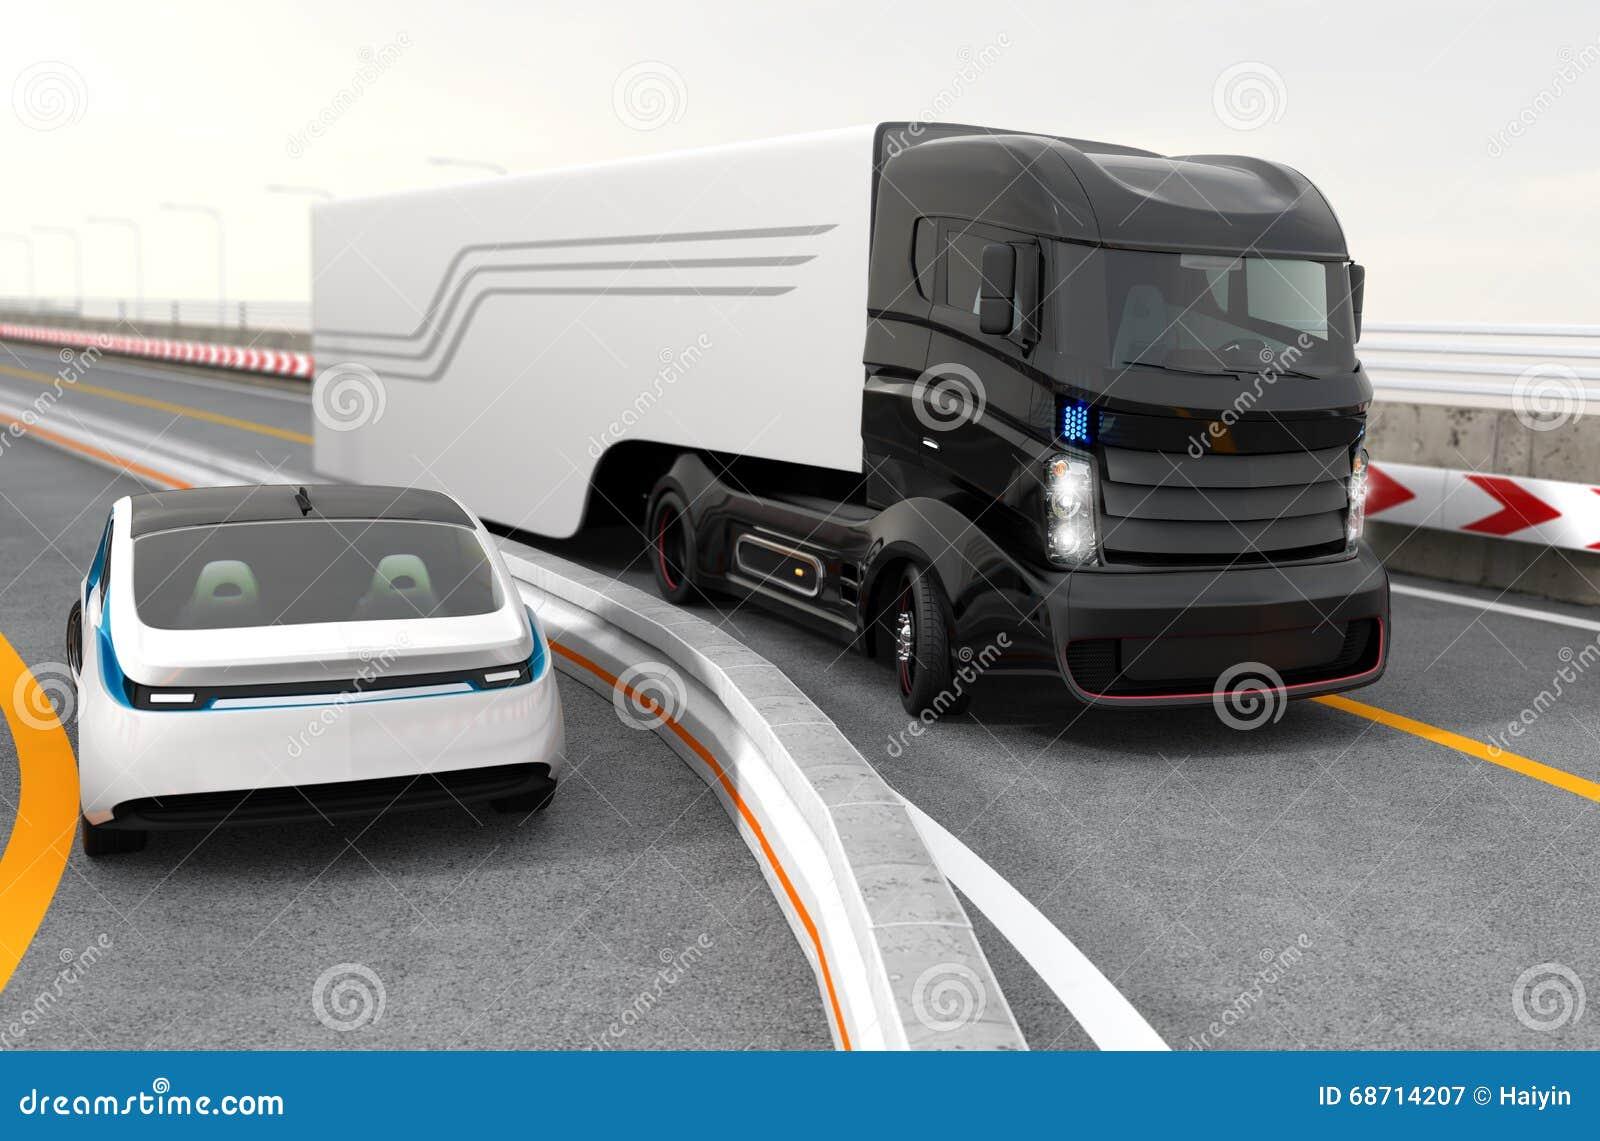 hybride elektrische vrachtwagen en witte elektrische auto op weg stock illustratie afbeelding. Black Bedroom Furniture Sets. Home Design Ideas